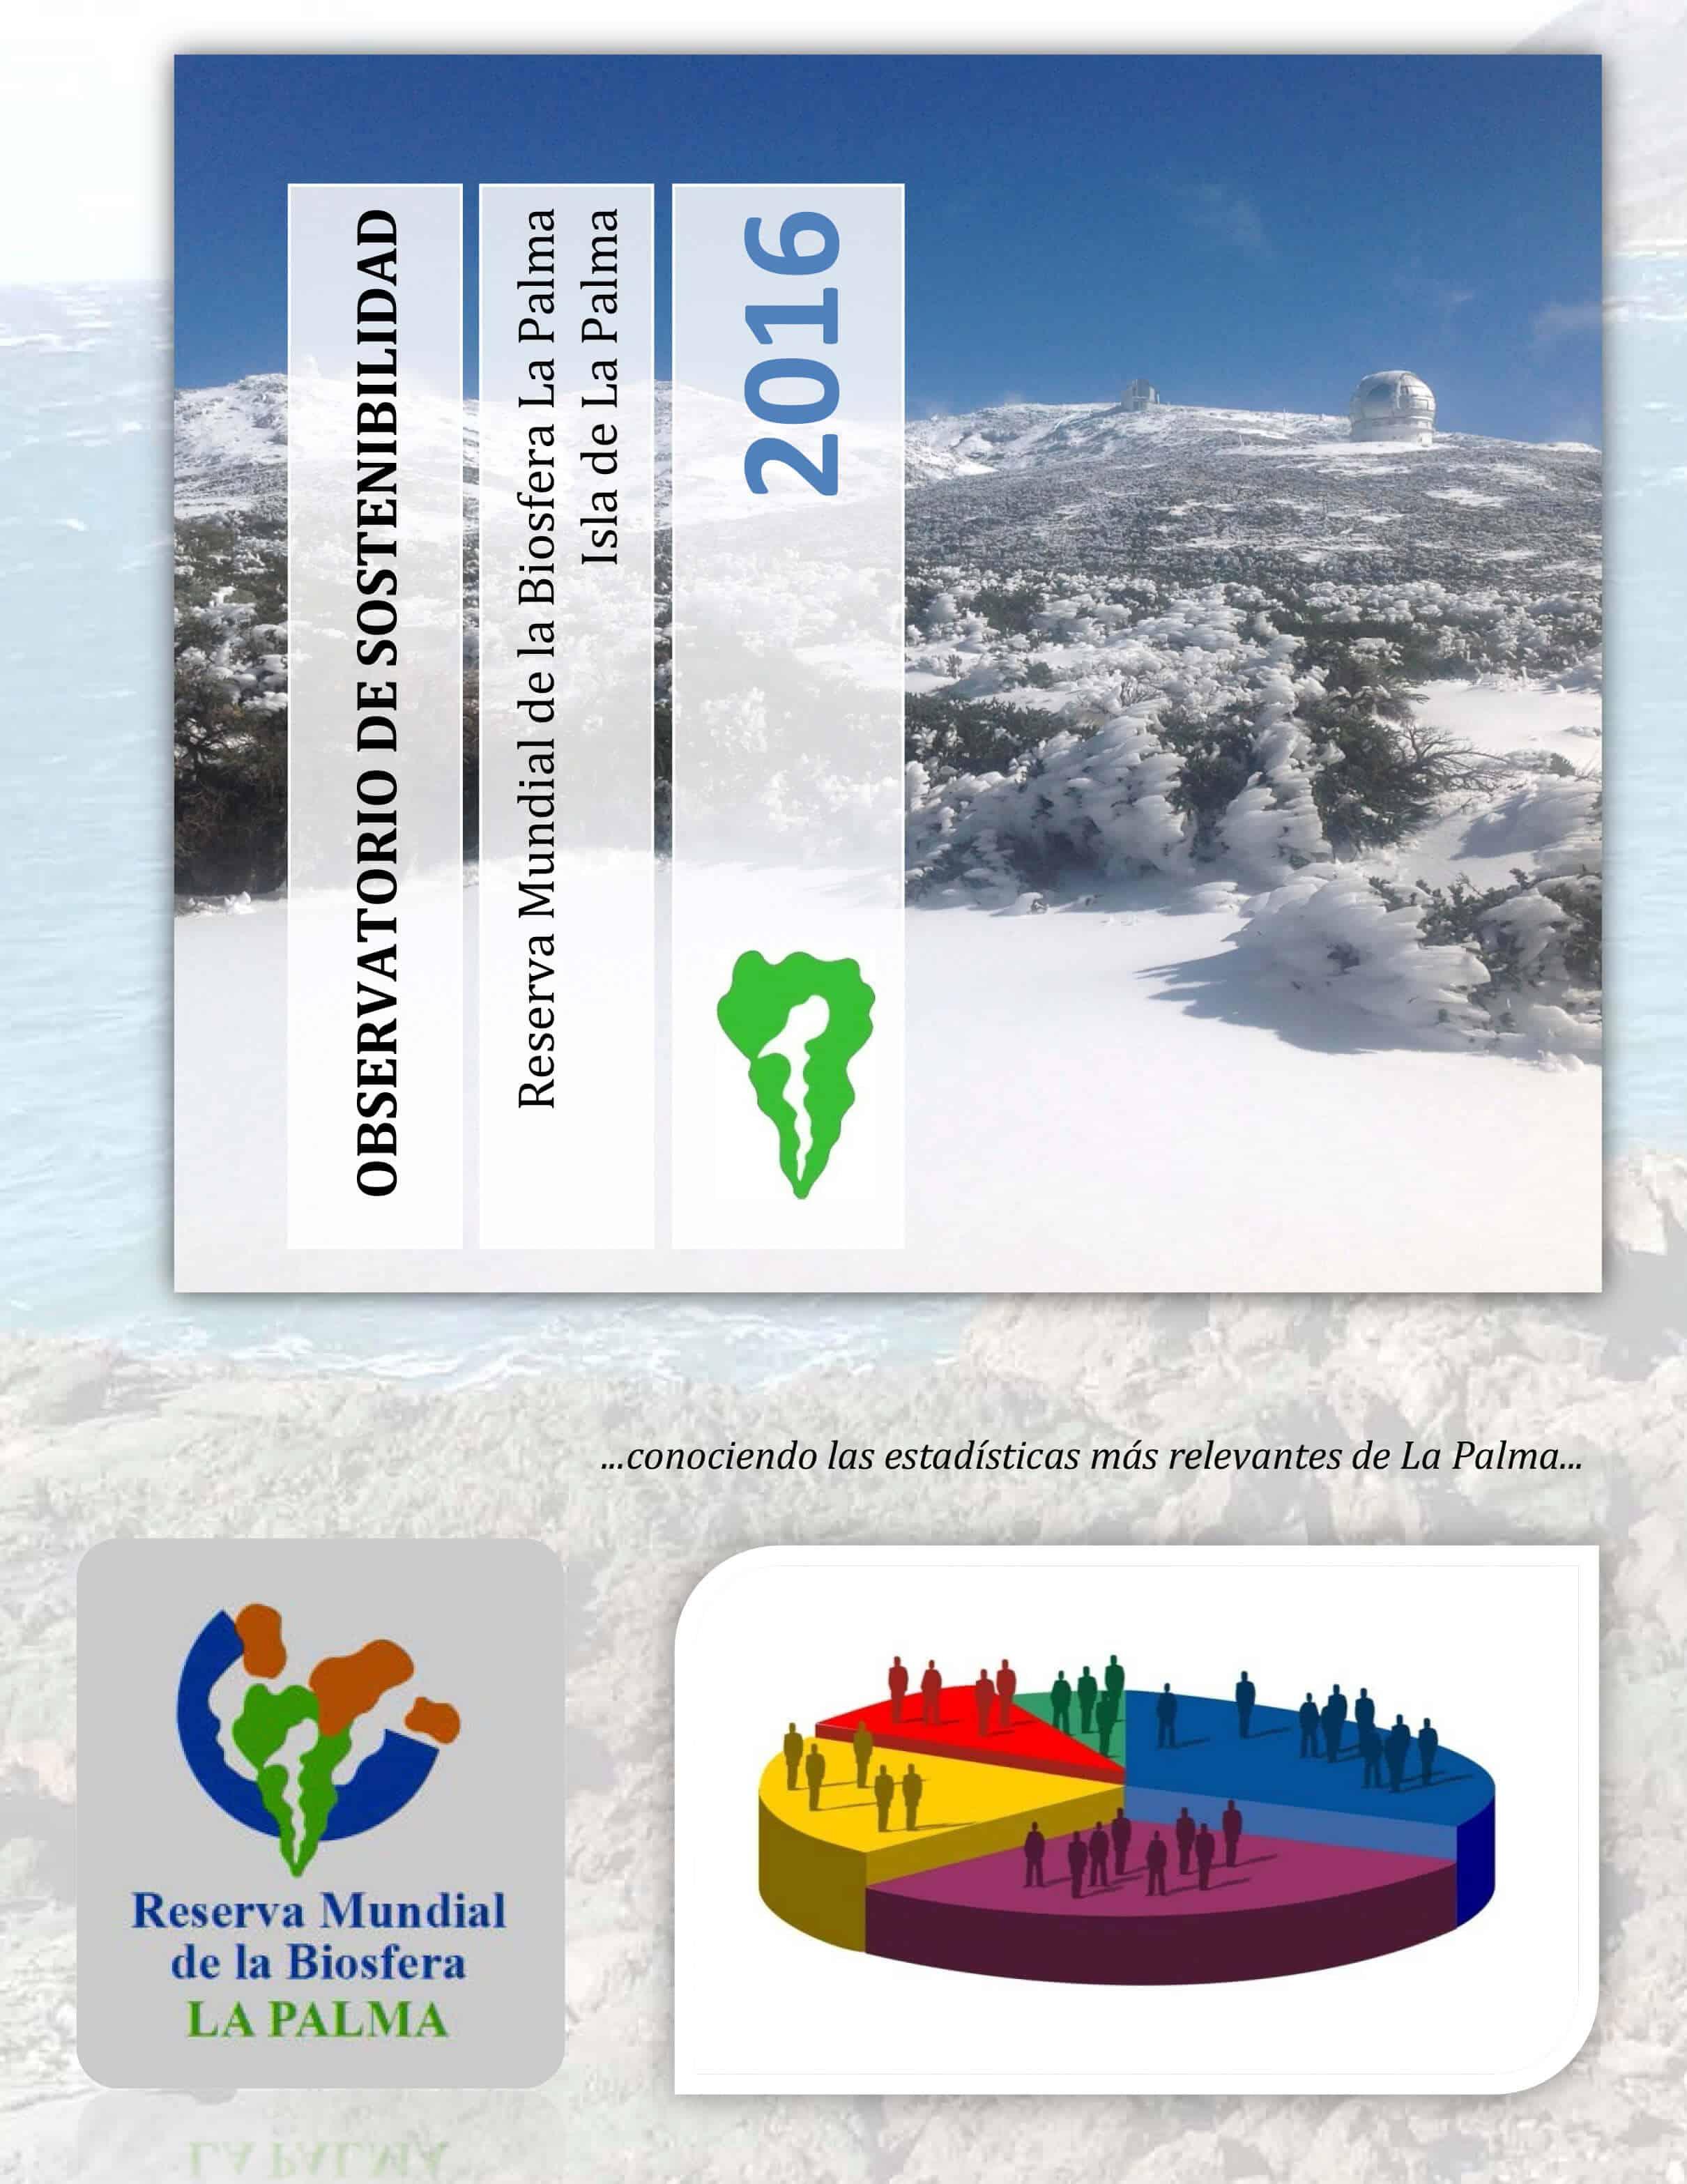 La Reserva Mundial de la Biosfera La Palma ha publicado el nuevo Resumen del Observatorio de Sostenibilidad 2016